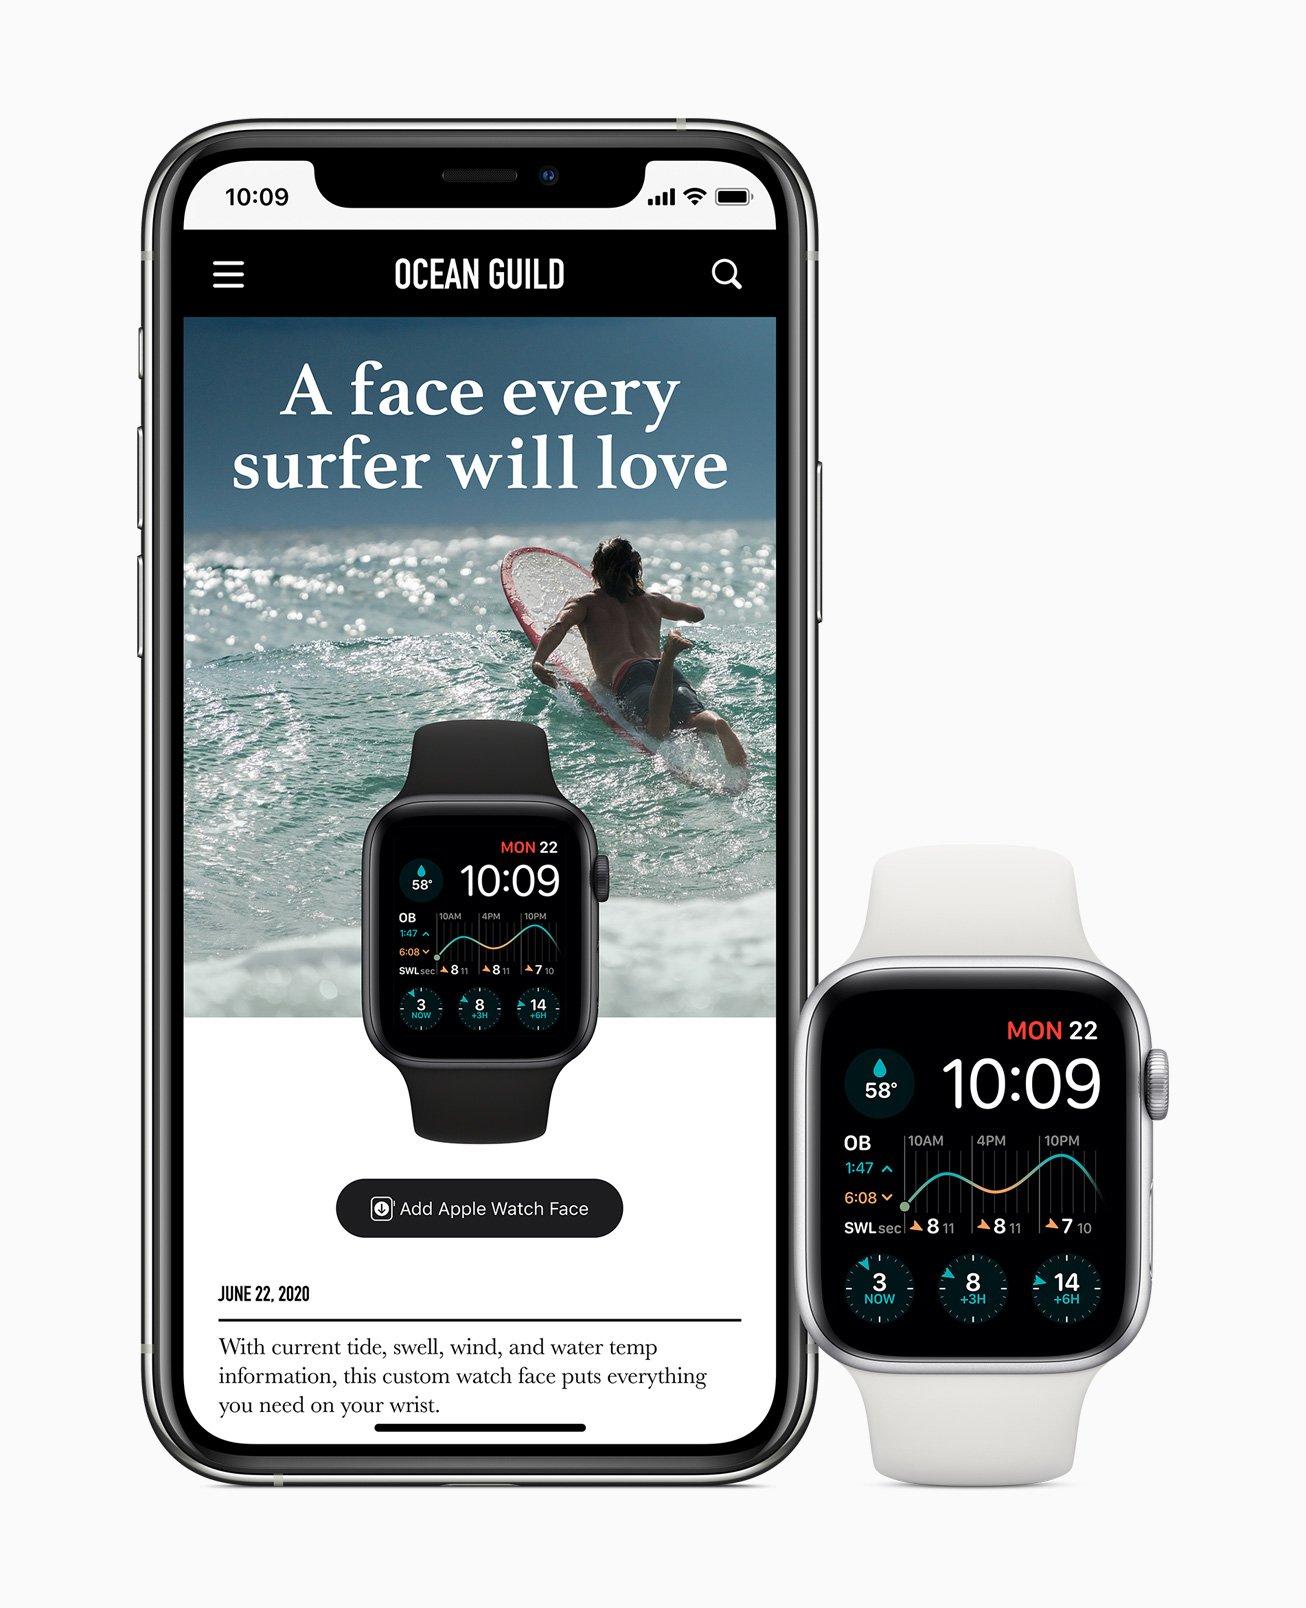 更出色的Watch Face 及分享功能